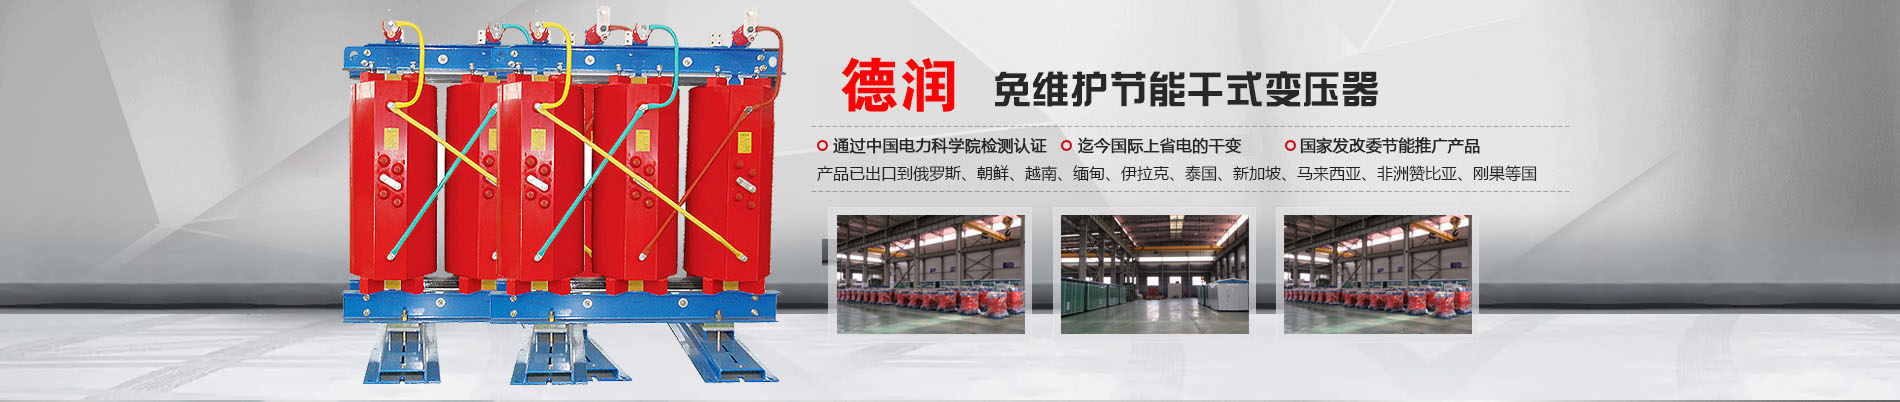 吉林干式变压器厂家